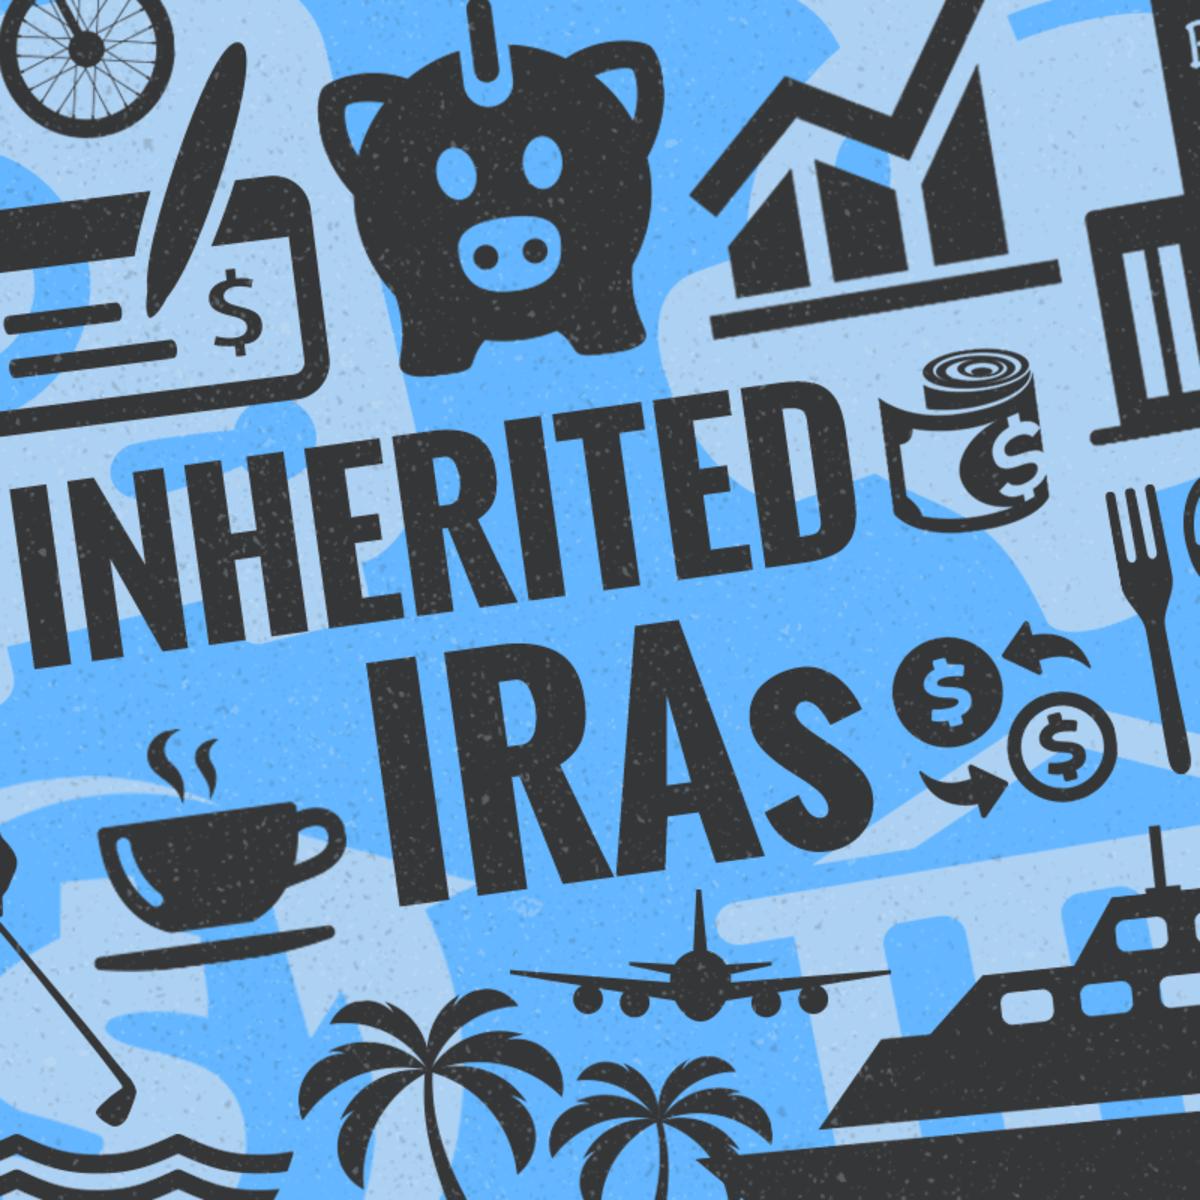 inherited beneficiary iras